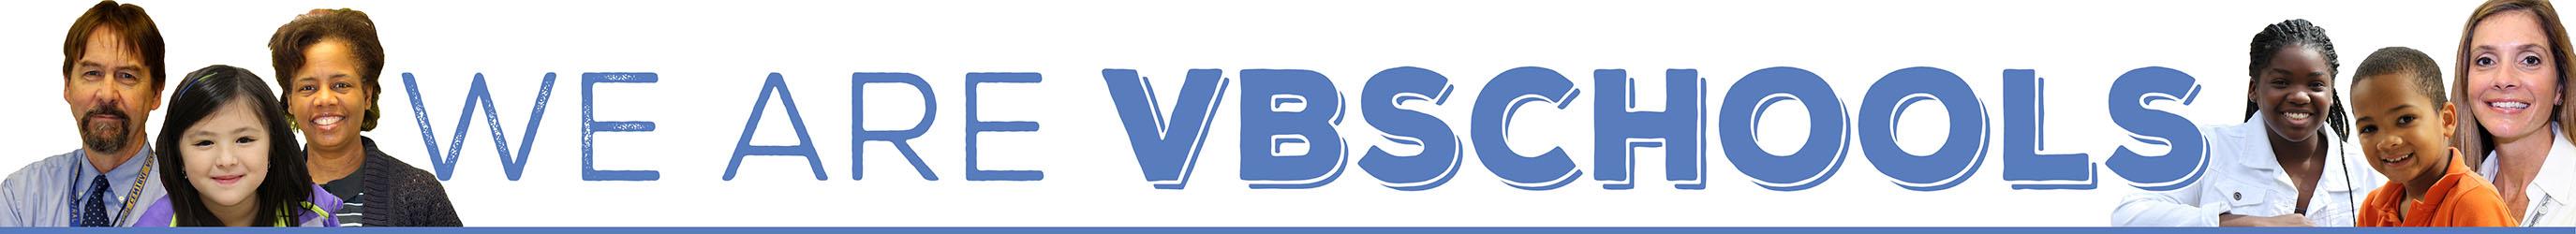 #WeAreVBSchools